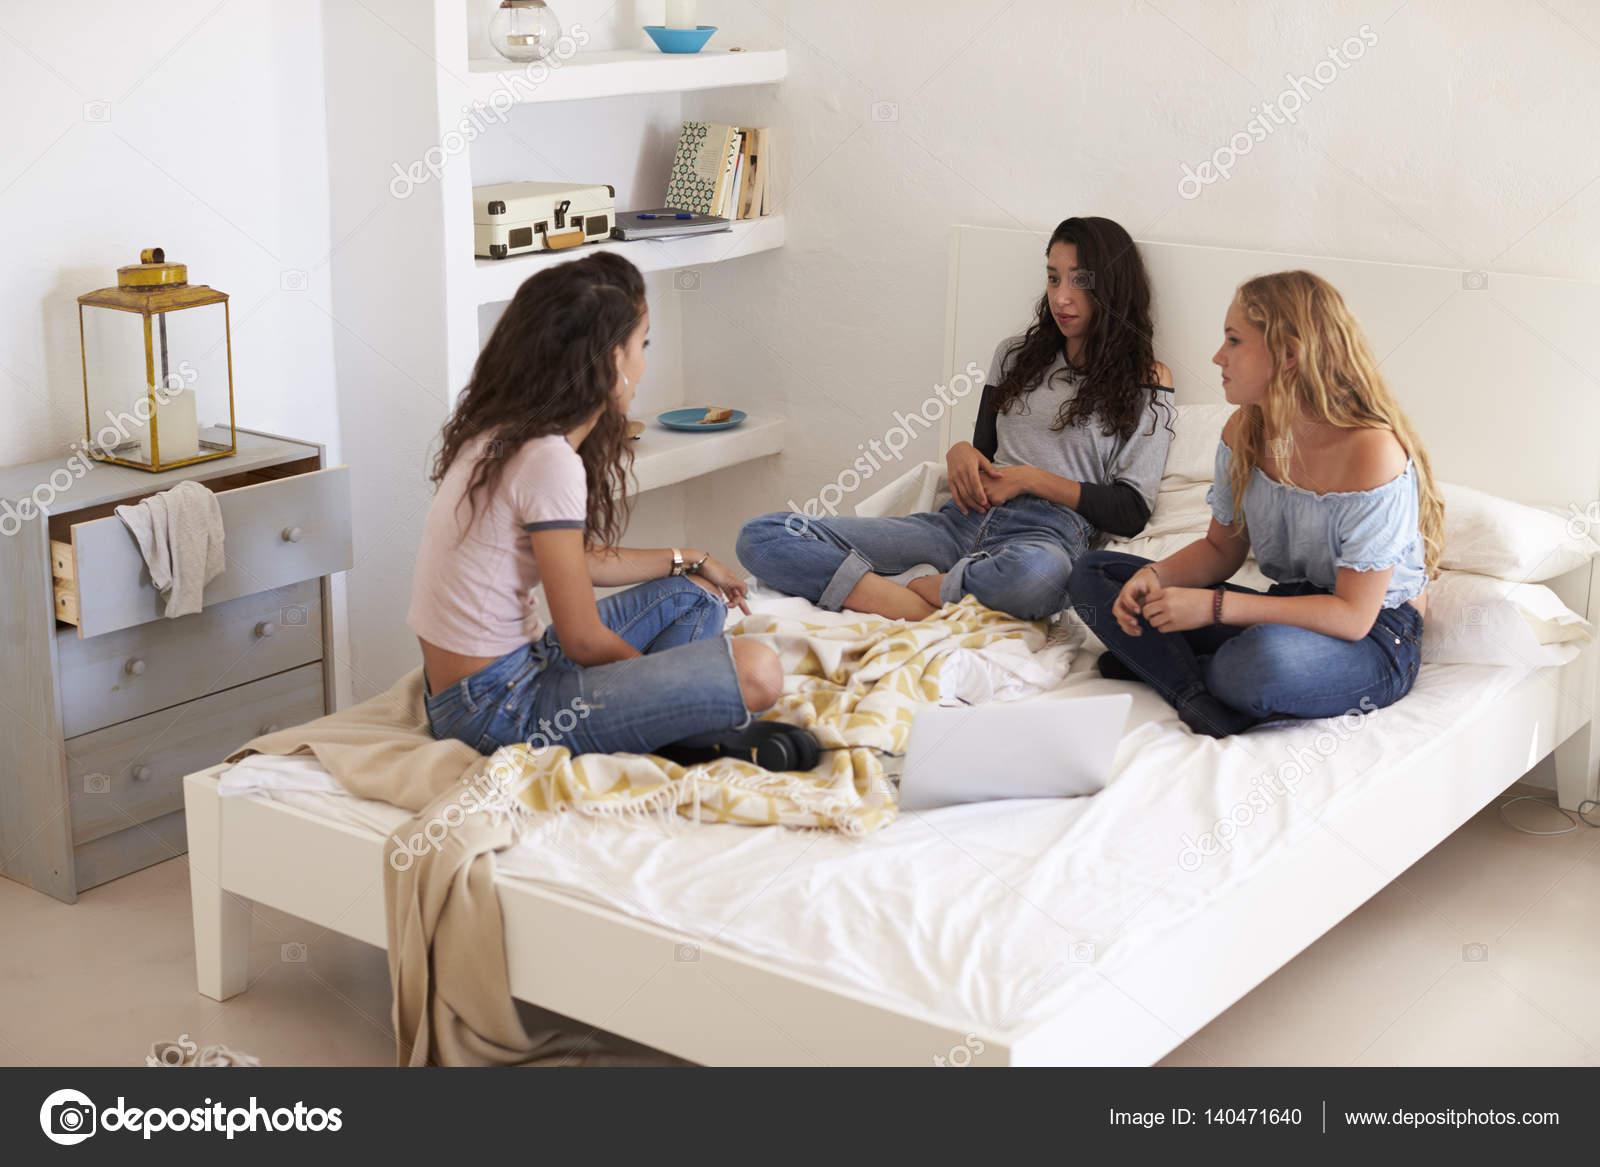 Faszinierend Teenager Bett Ideen Von Drei Mädchen Im Teenageralter Auf Mit Sitzen